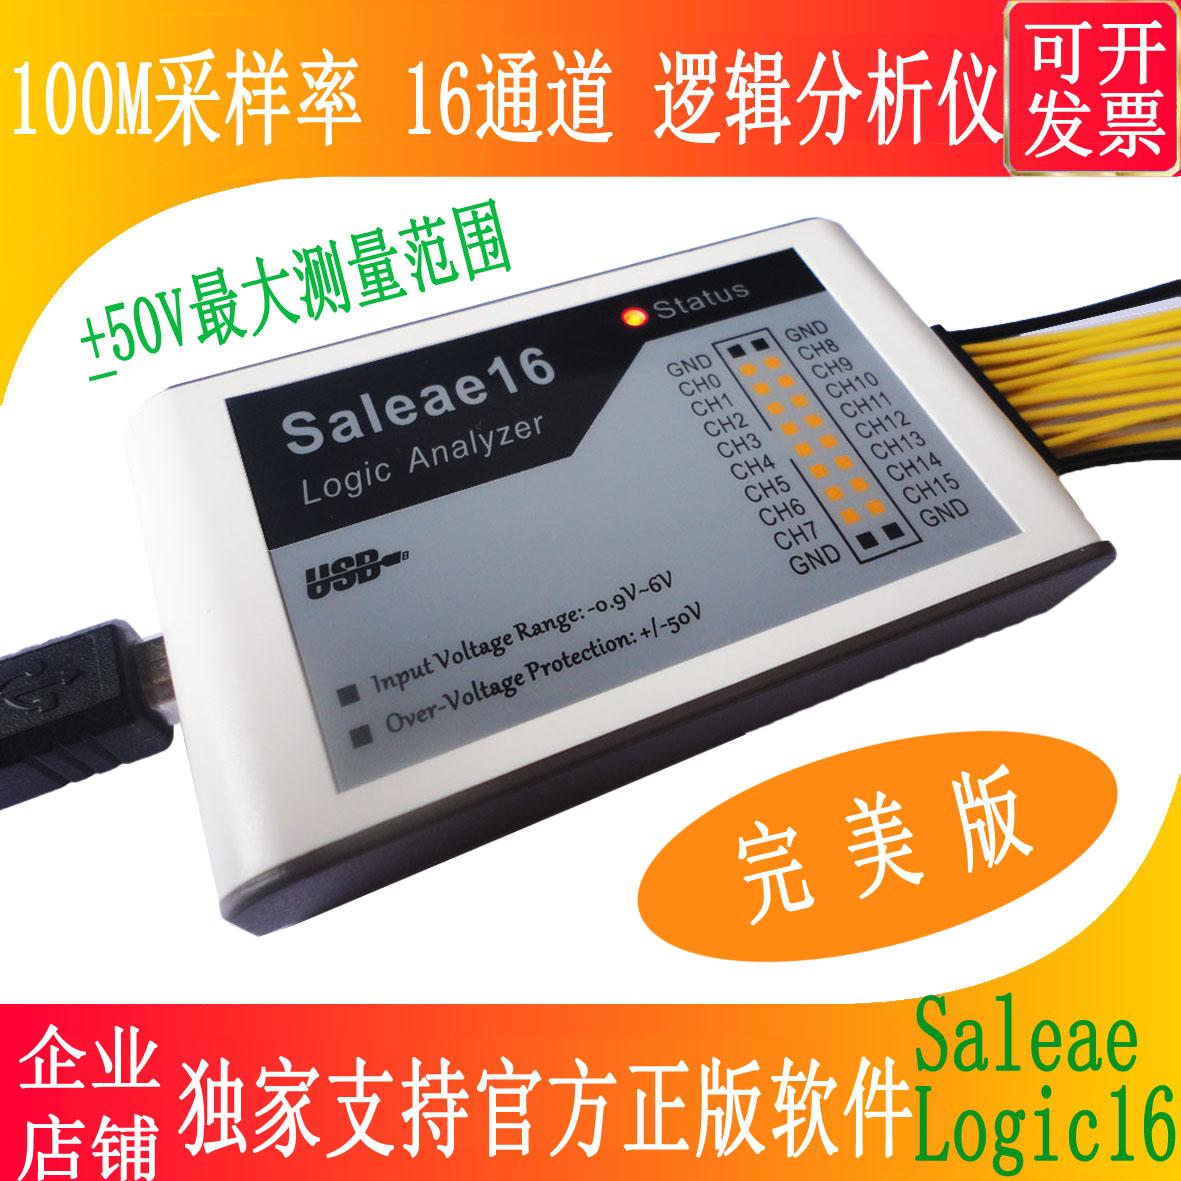 Saleae16 логика редактировать филиал анализировать инструмент 16 проход (ряд) 100M коллекция образец ставка 10G глубина ARM,FPGA декодирование оружие